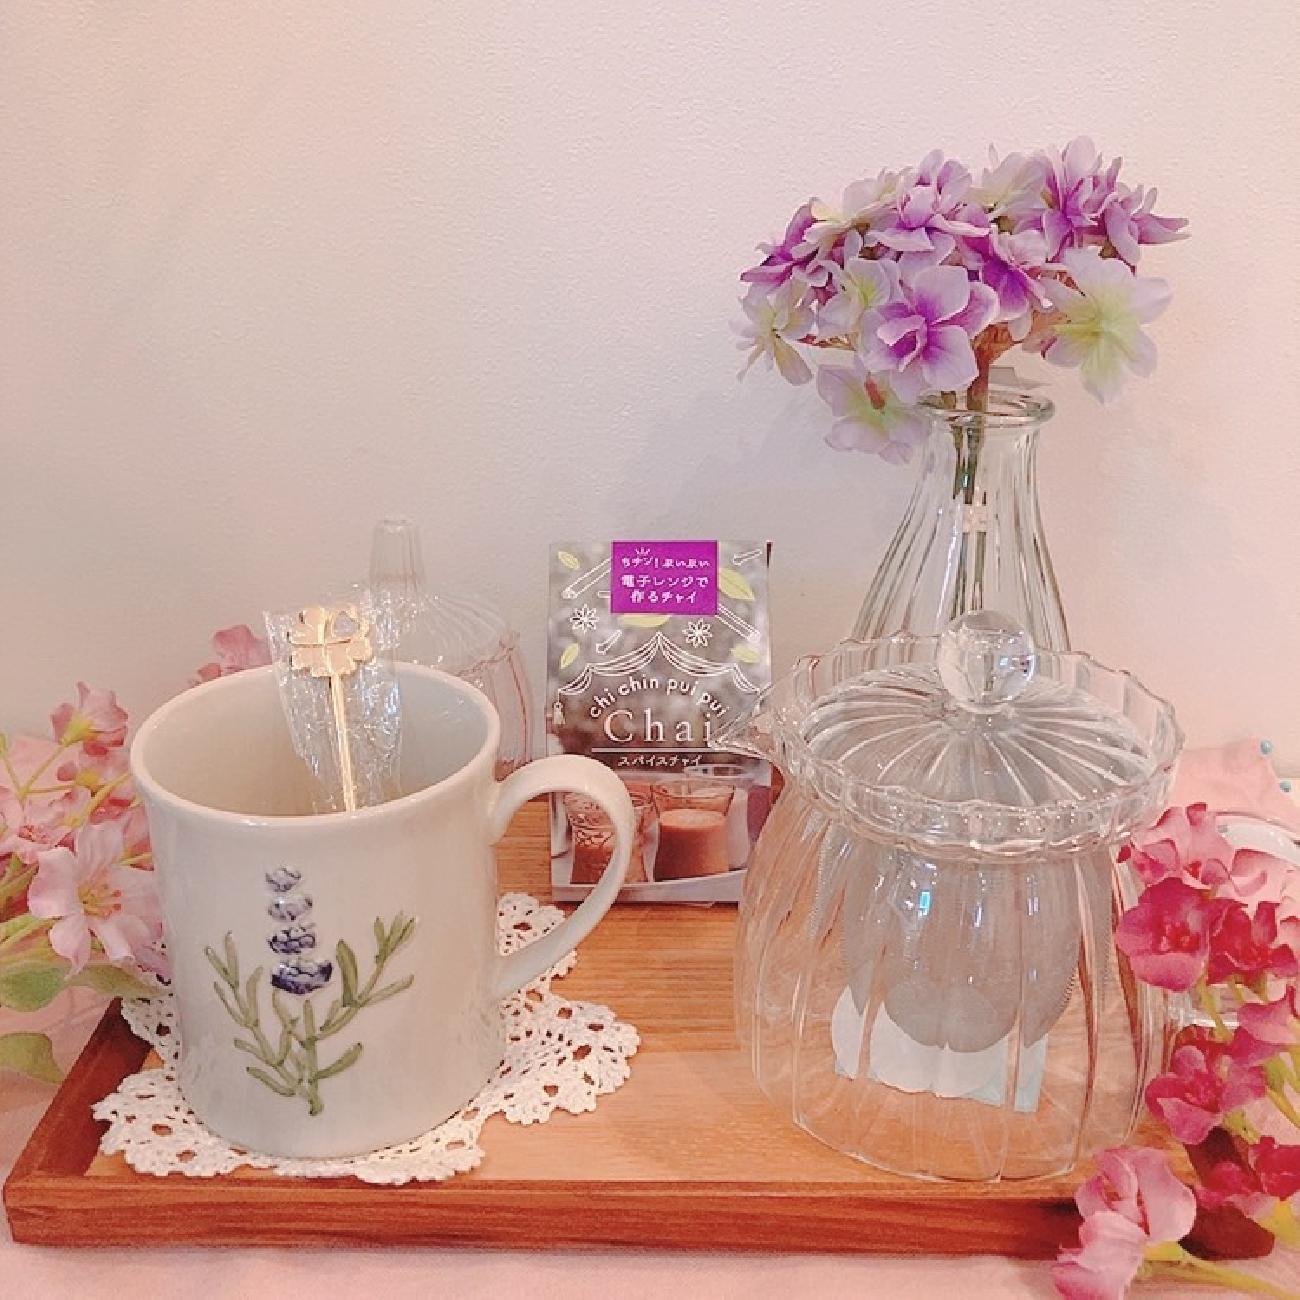 コーヒー/チャイ/ティータイム/コーヒータイム/リラックスタイム/おいしい/至福の時間/リフレッシュタイム